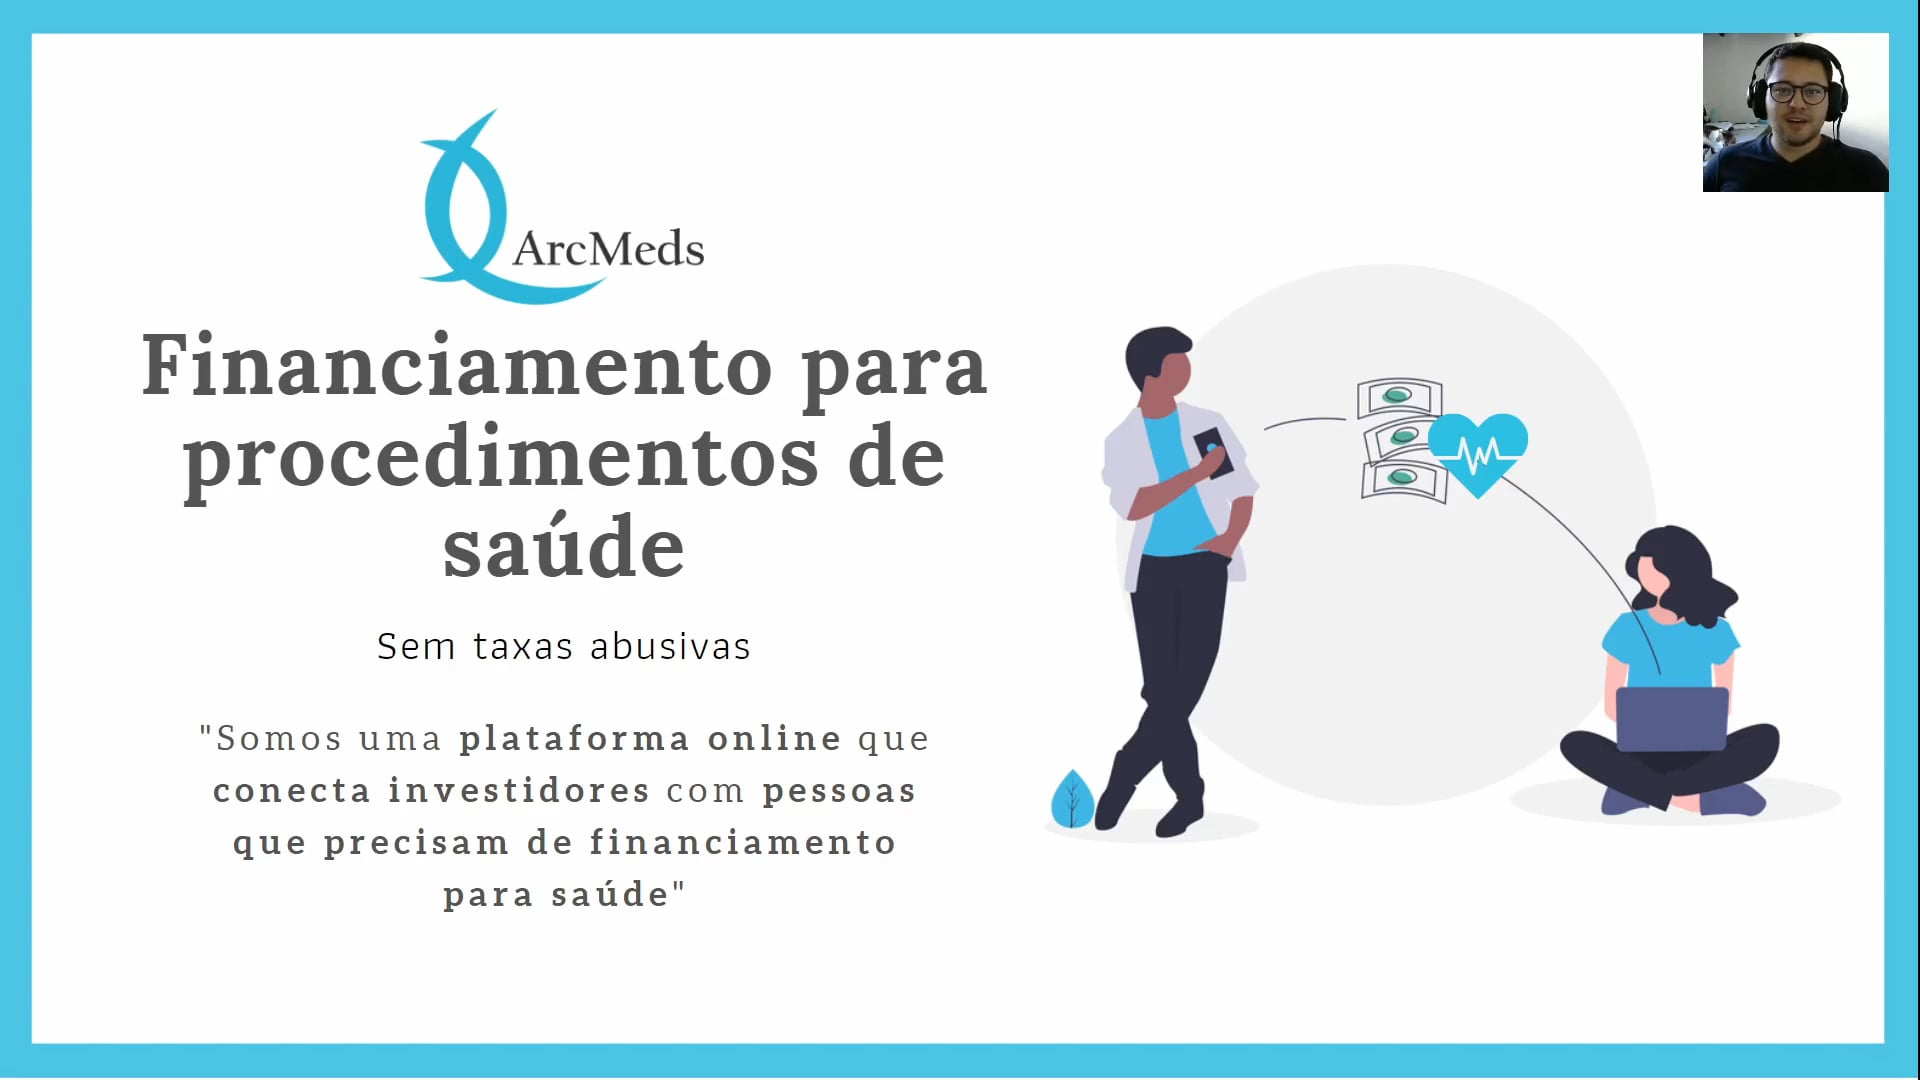 ArcMeds